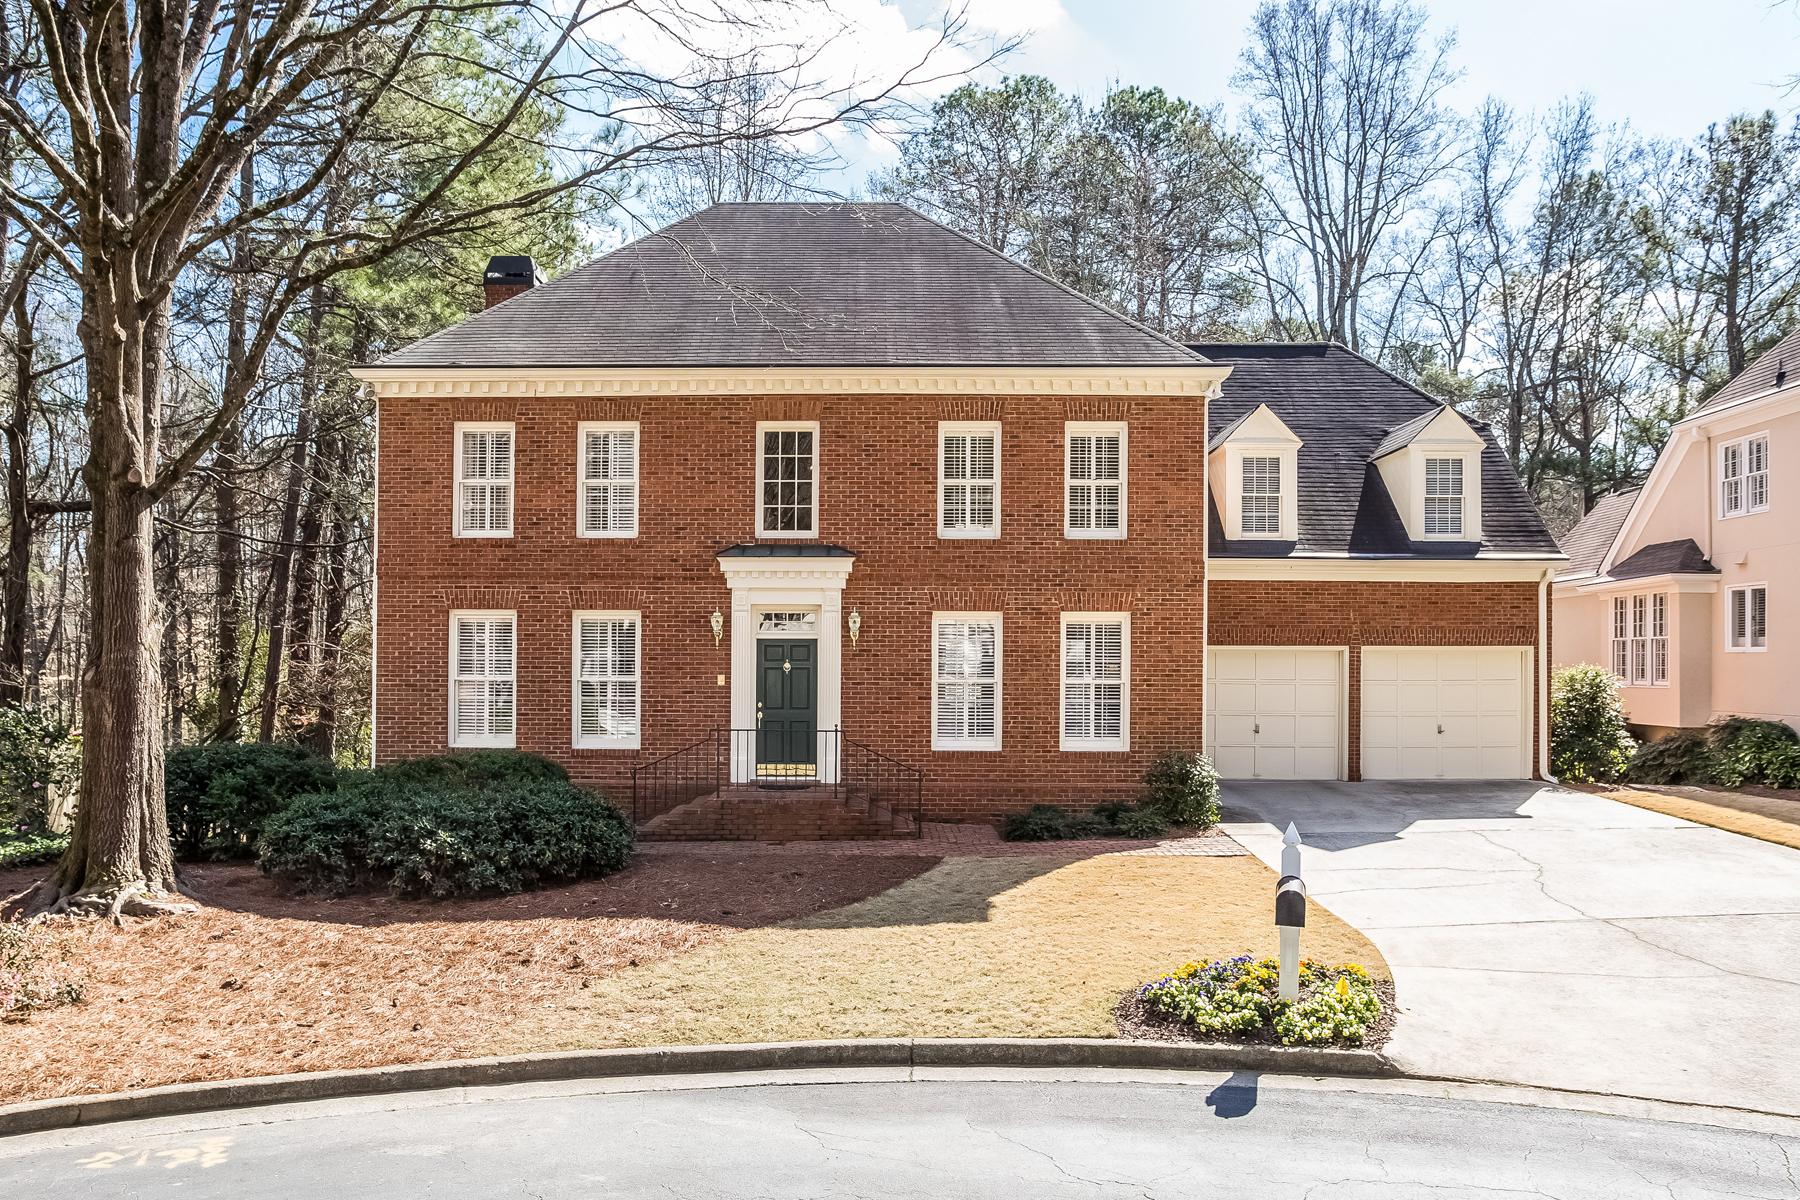 独户住宅 为 销售 在 Classic Sandy Springs Traditional 245 Woodchase Close NE 桑迪, 乔治亚州, 30319 美国